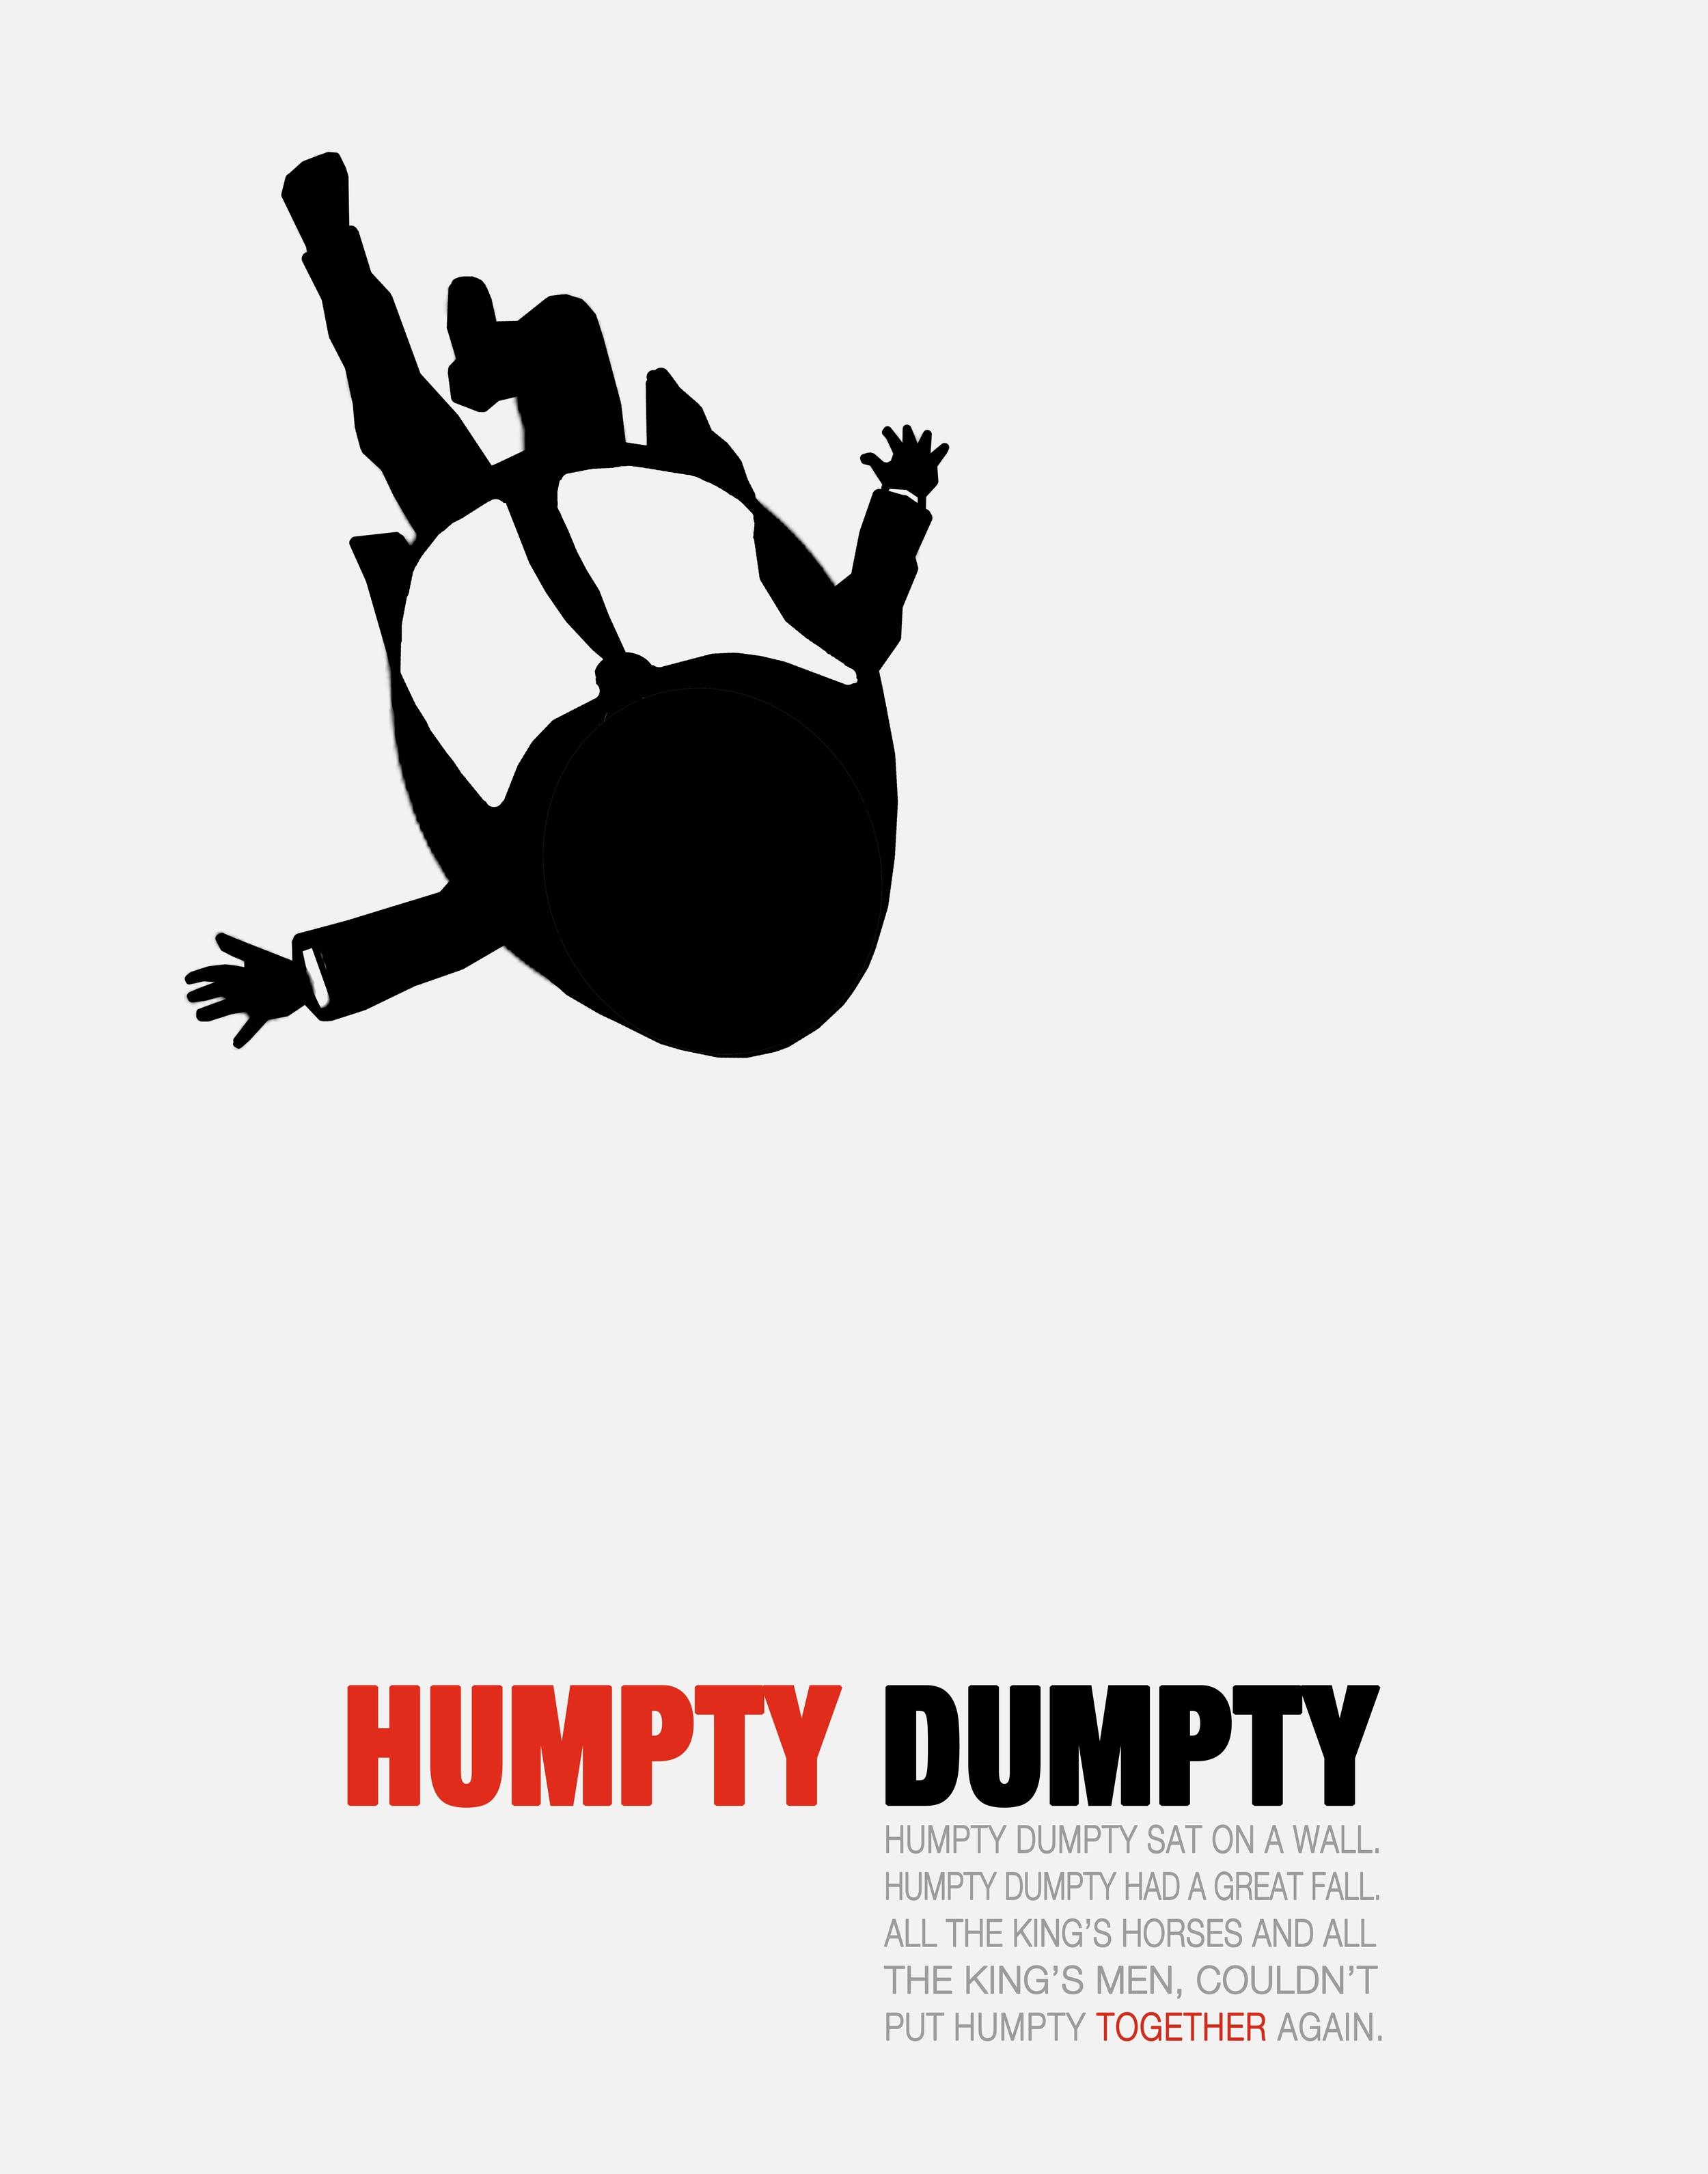 humpty dumpty madmen poster PSD diff copy 2.jpg